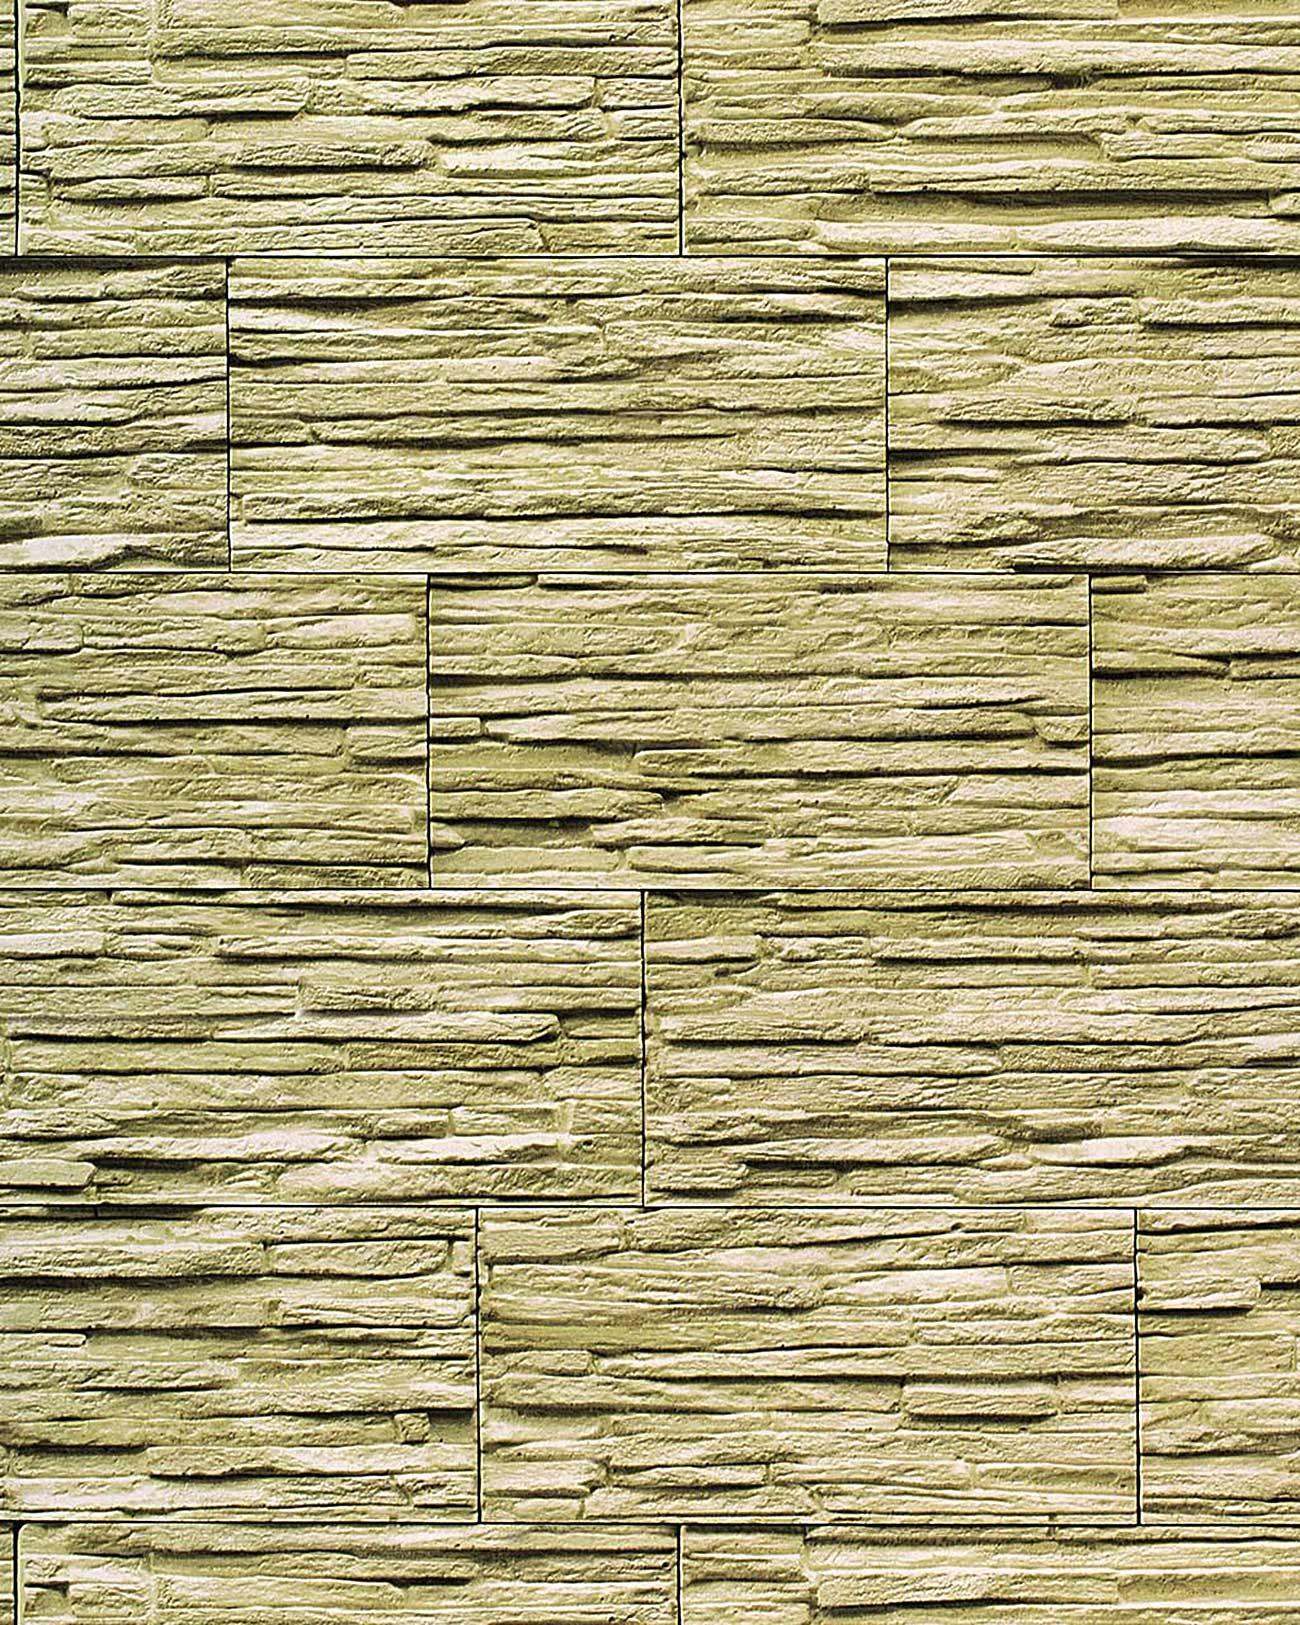 stein tapete edem 1003 35 tapete naturstein bruch stein mauer optik gepr gte struktur. Black Bedroom Furniture Sets. Home Design Ideas